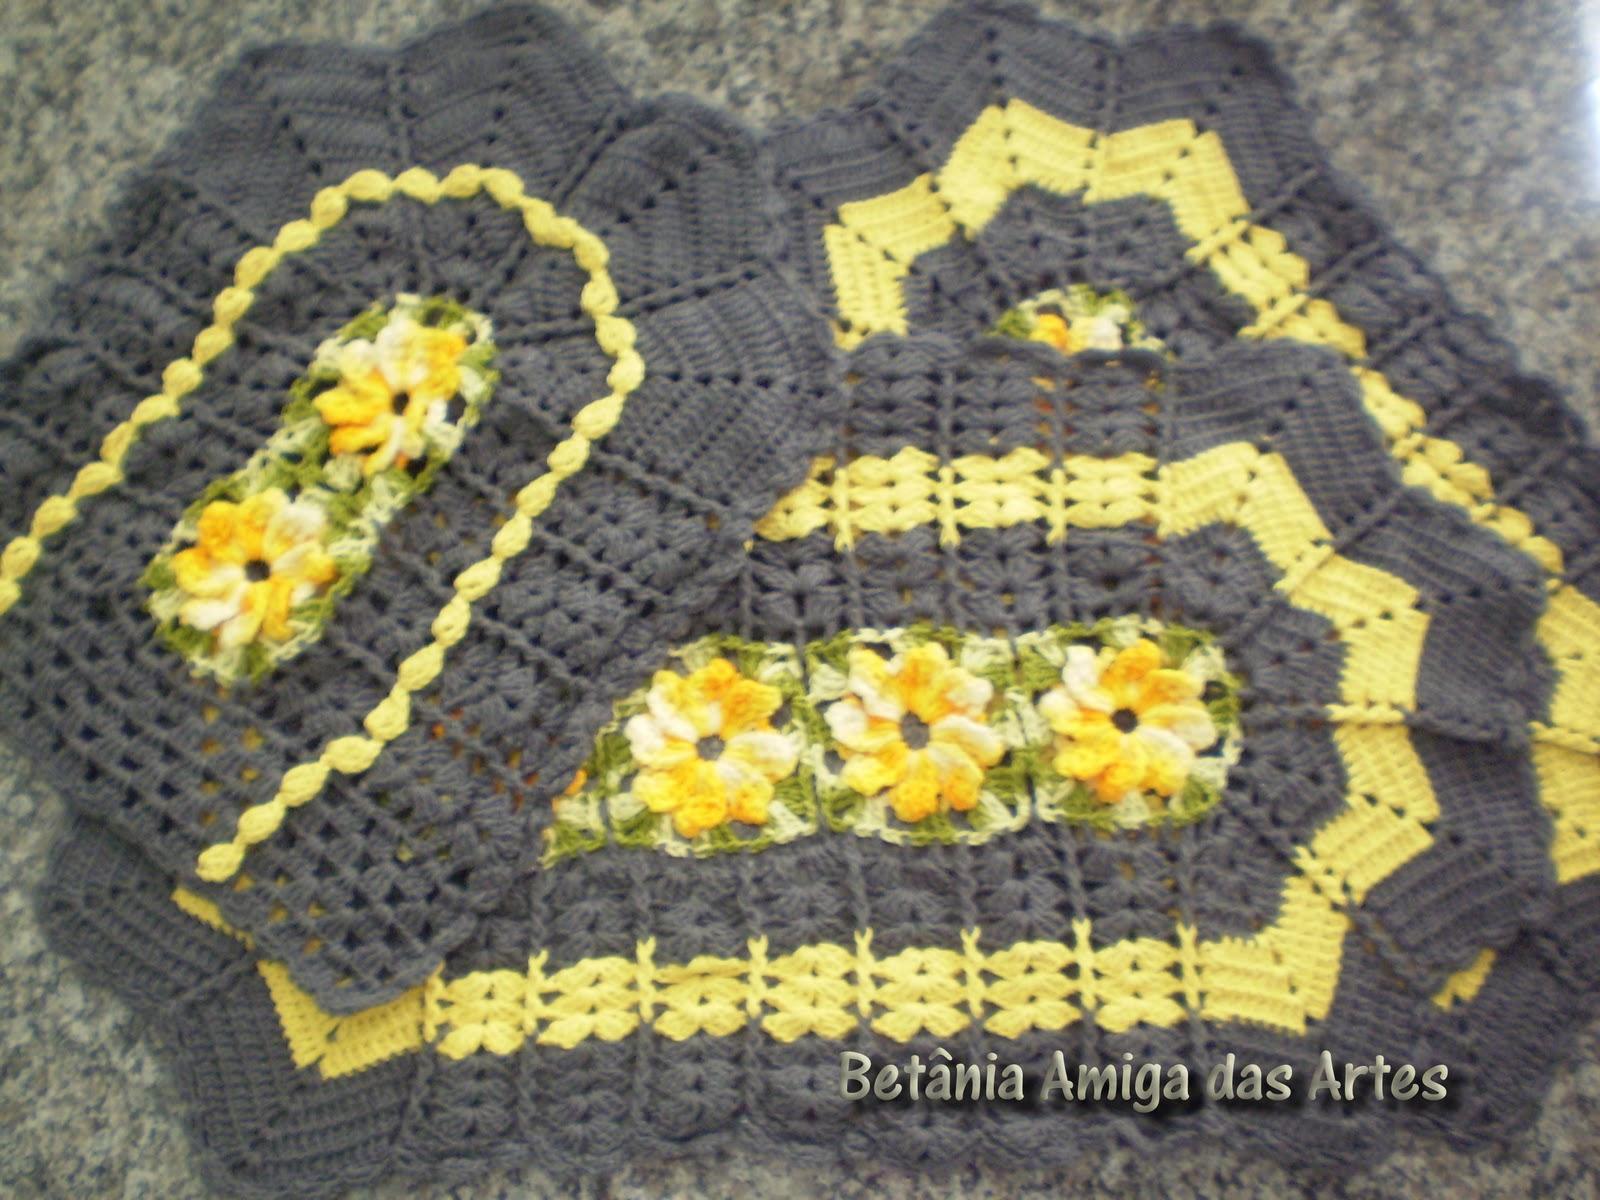 Ateliê Coração Pura Arte Betania: Conjunto de tapetes para banheiro #B49917 1600 1200